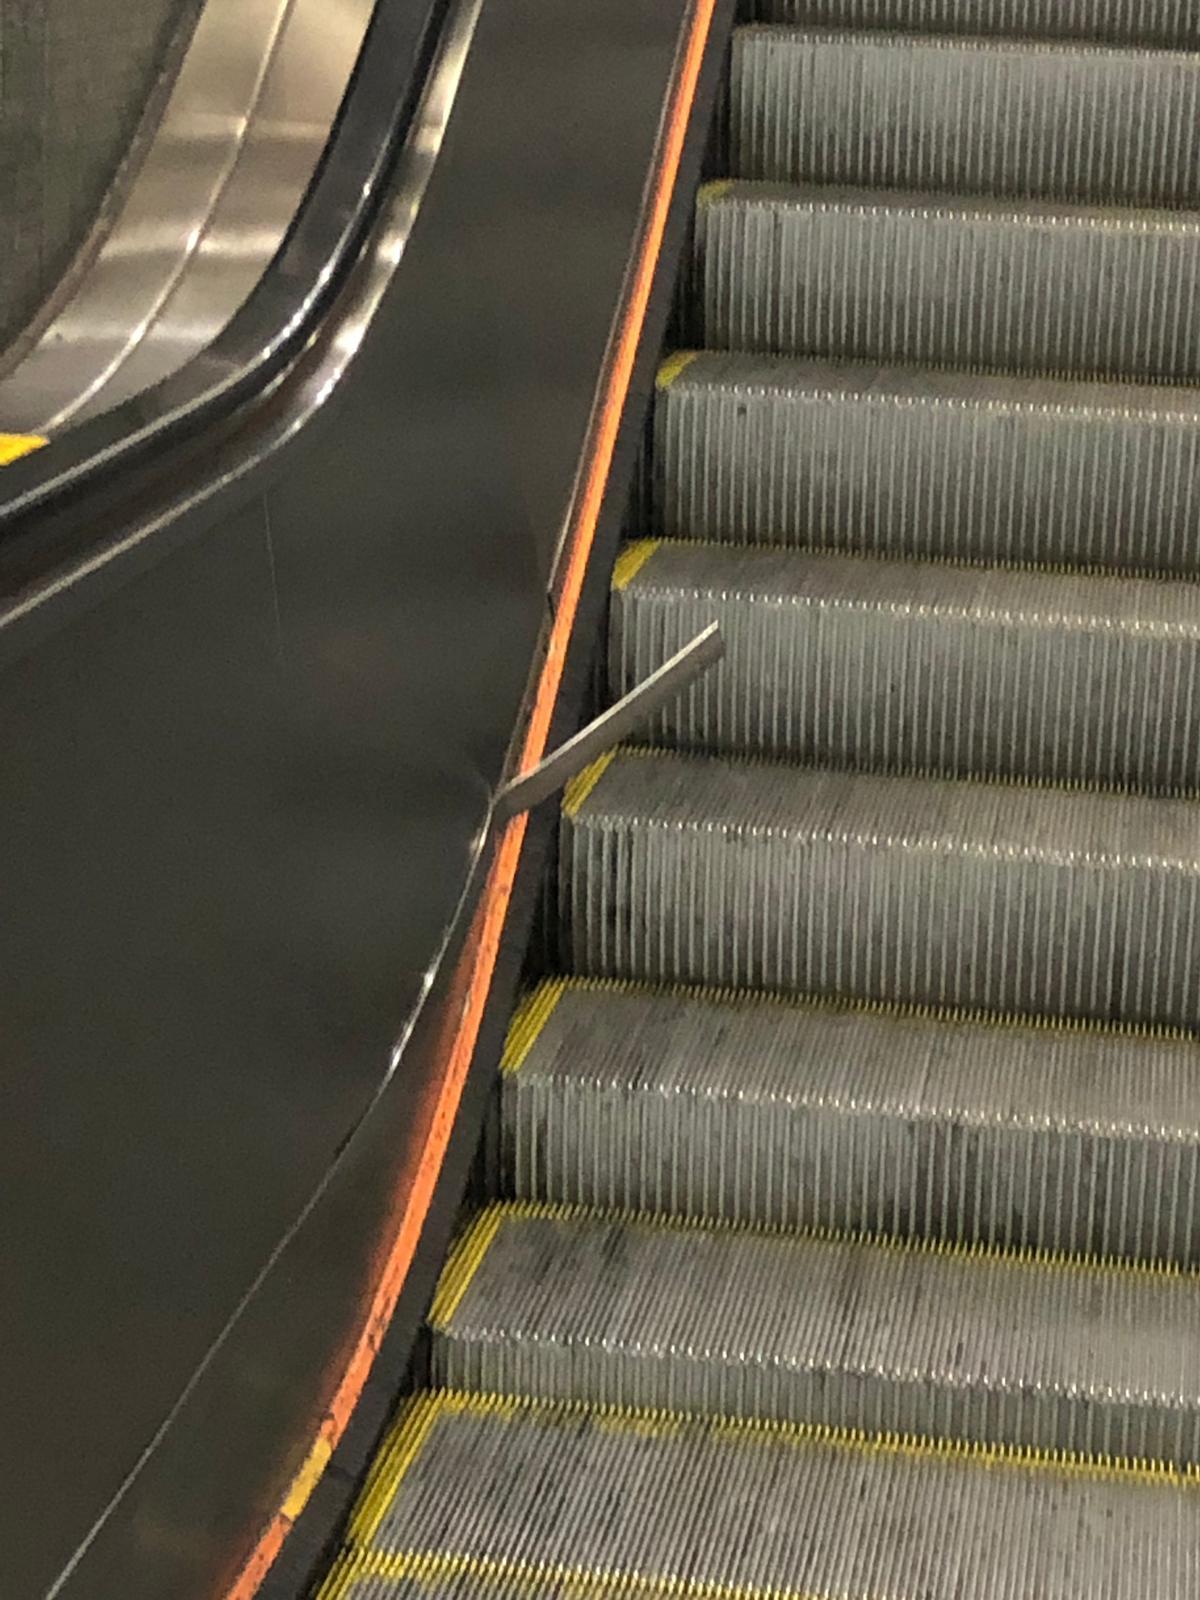 涉事電梯彈出鐵片(左)。 乘客陳先生提供